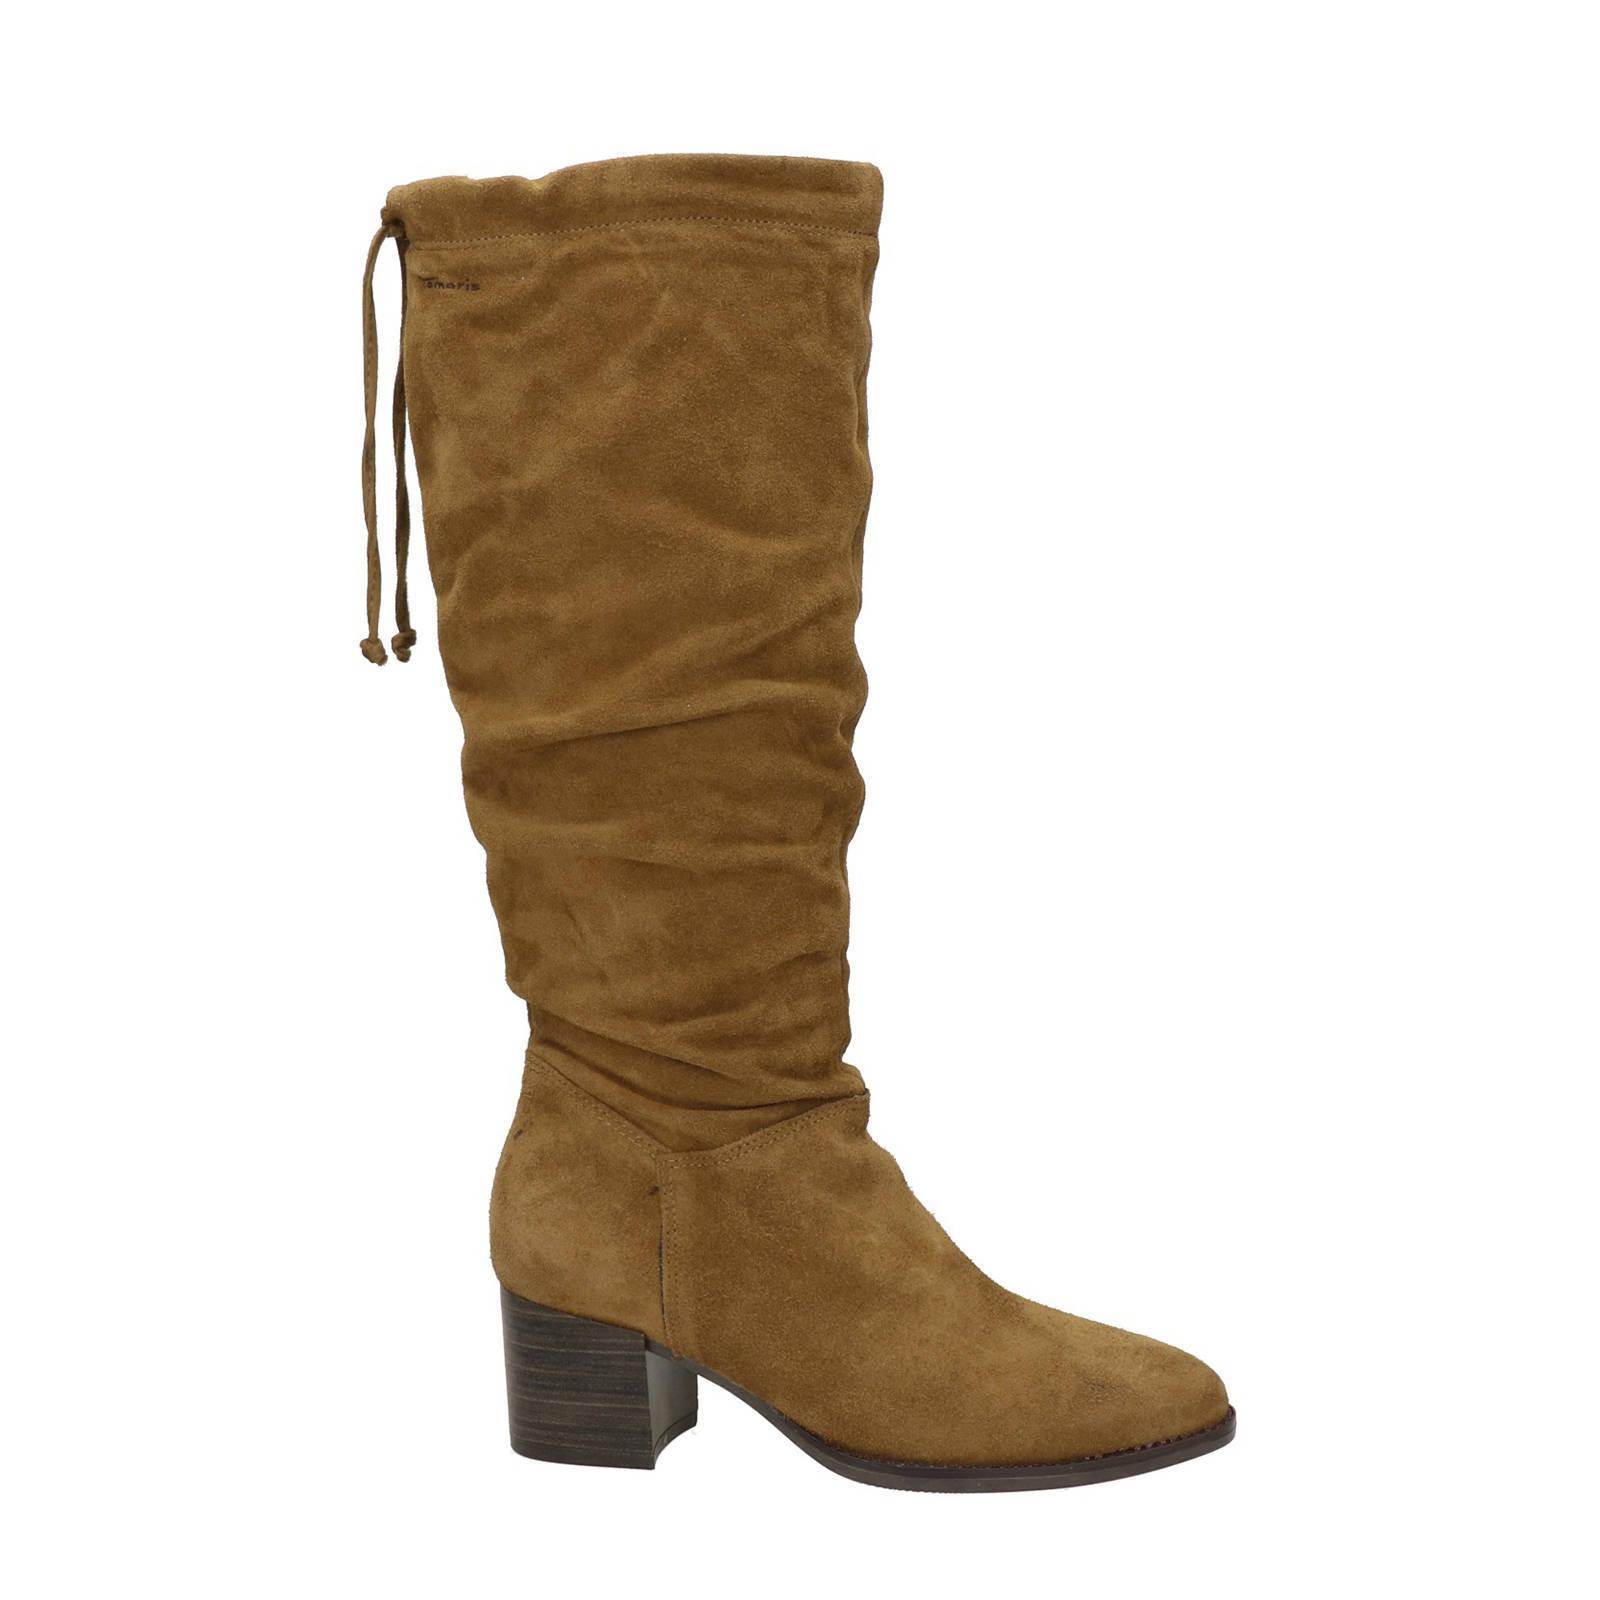 Laarzen voor dames kopen Vind jouw Laarzen voor dames